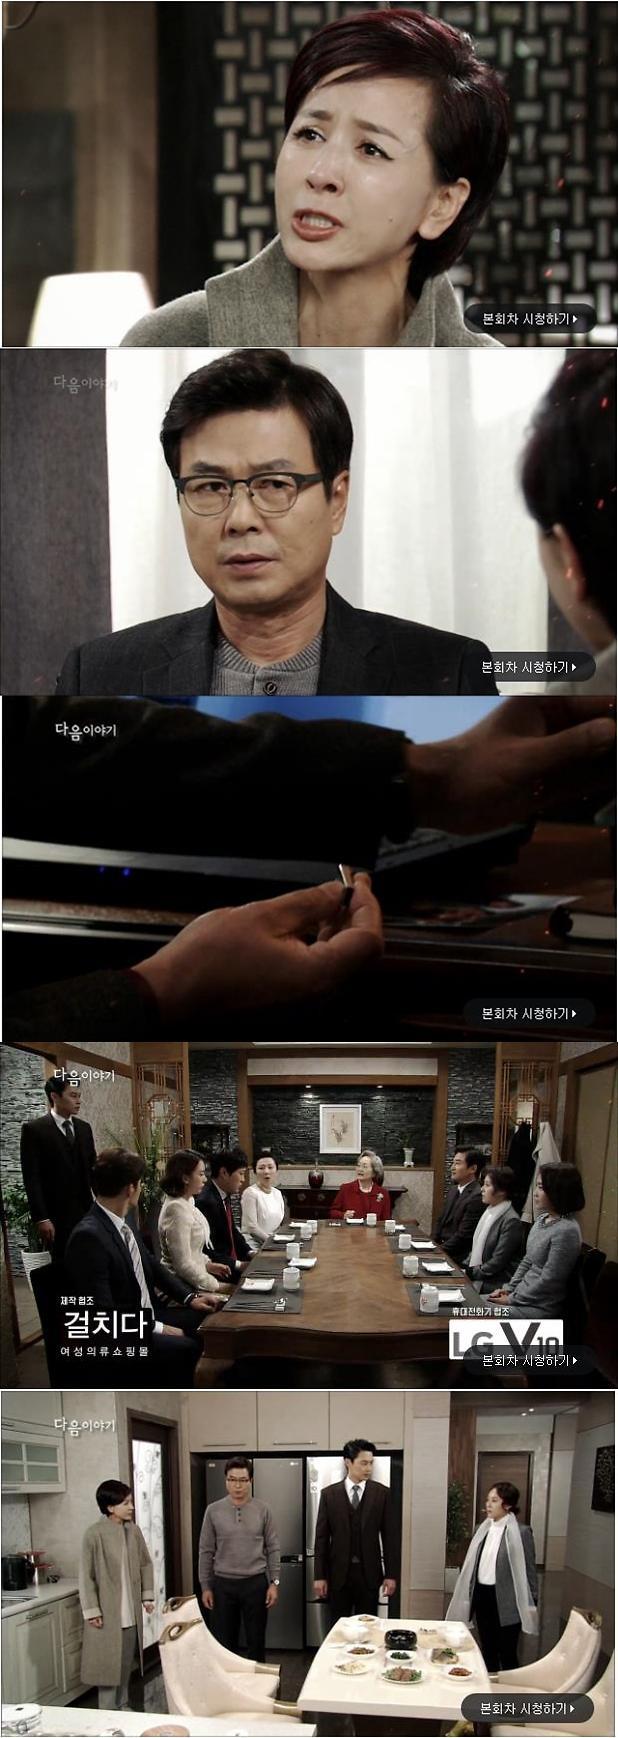 """[돌아온 황금복]김영옥,전노민에""""백리향에 10억 줬다는 거 걸려"""""""